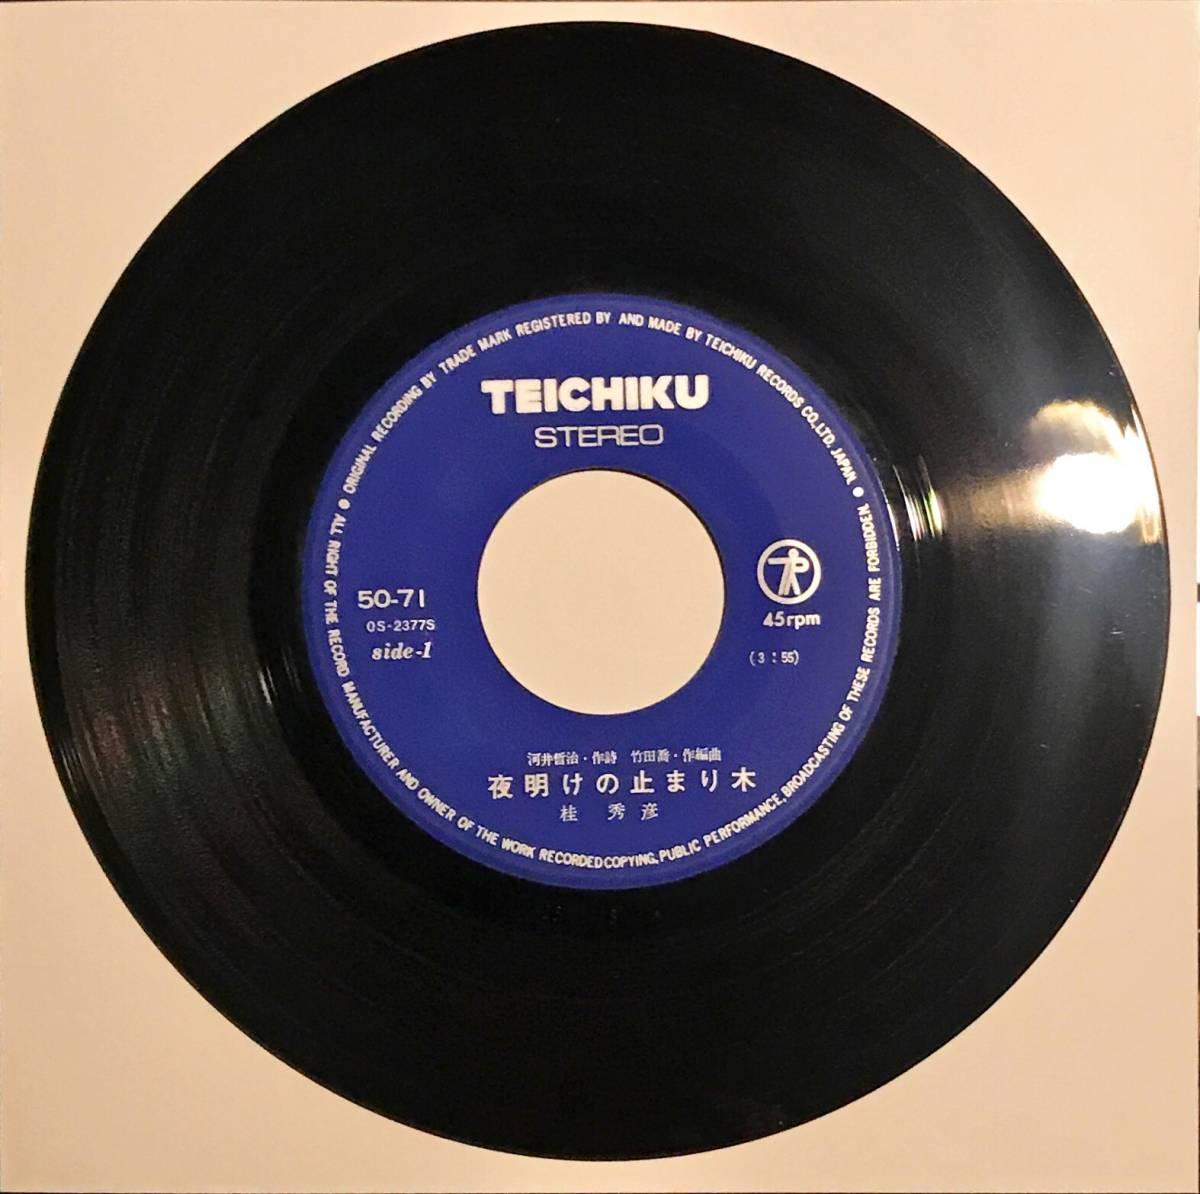 [試聴]和モノB級FUNK歌謡 桂秀彦 // 夜明けの止まり木 / 別れても GROOVE [EP]ファンク B級マイナー盤ムード グルーヴ演歌レコード 7inch_画像5